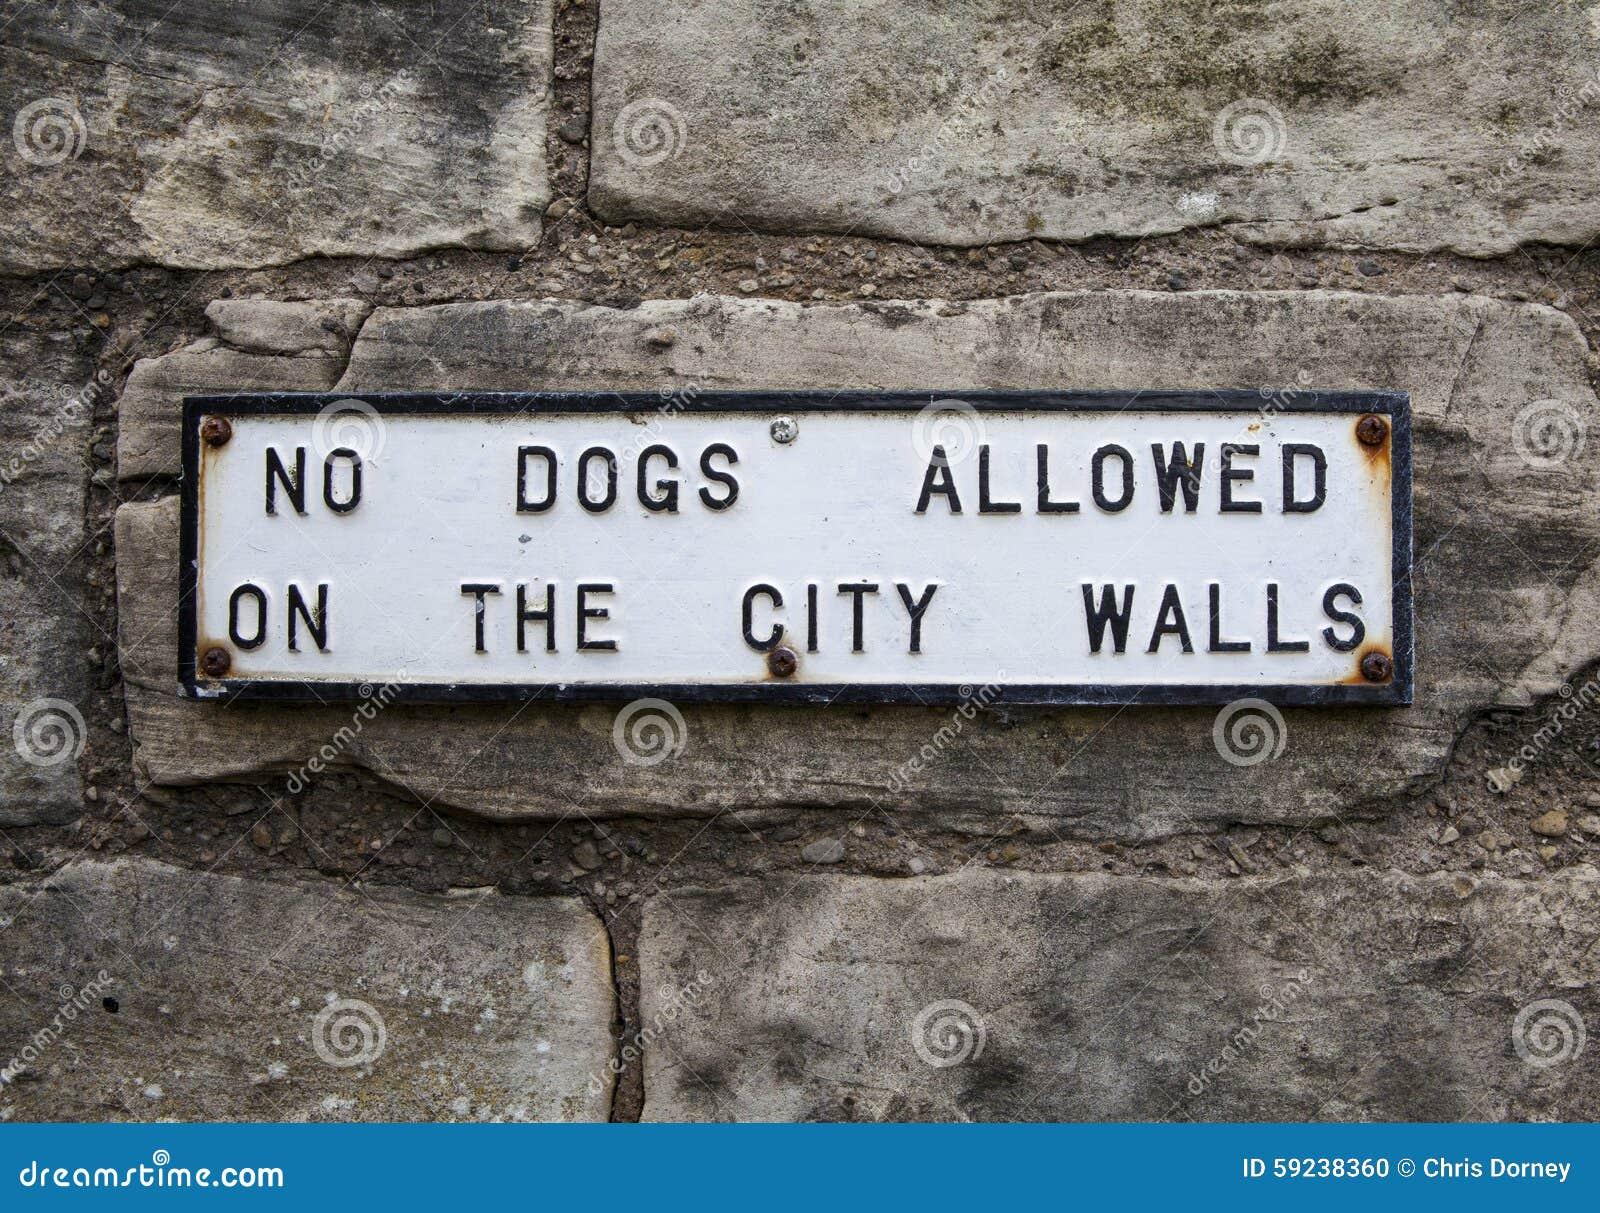 Ningunos perros permitidos en las paredes de la ciudad